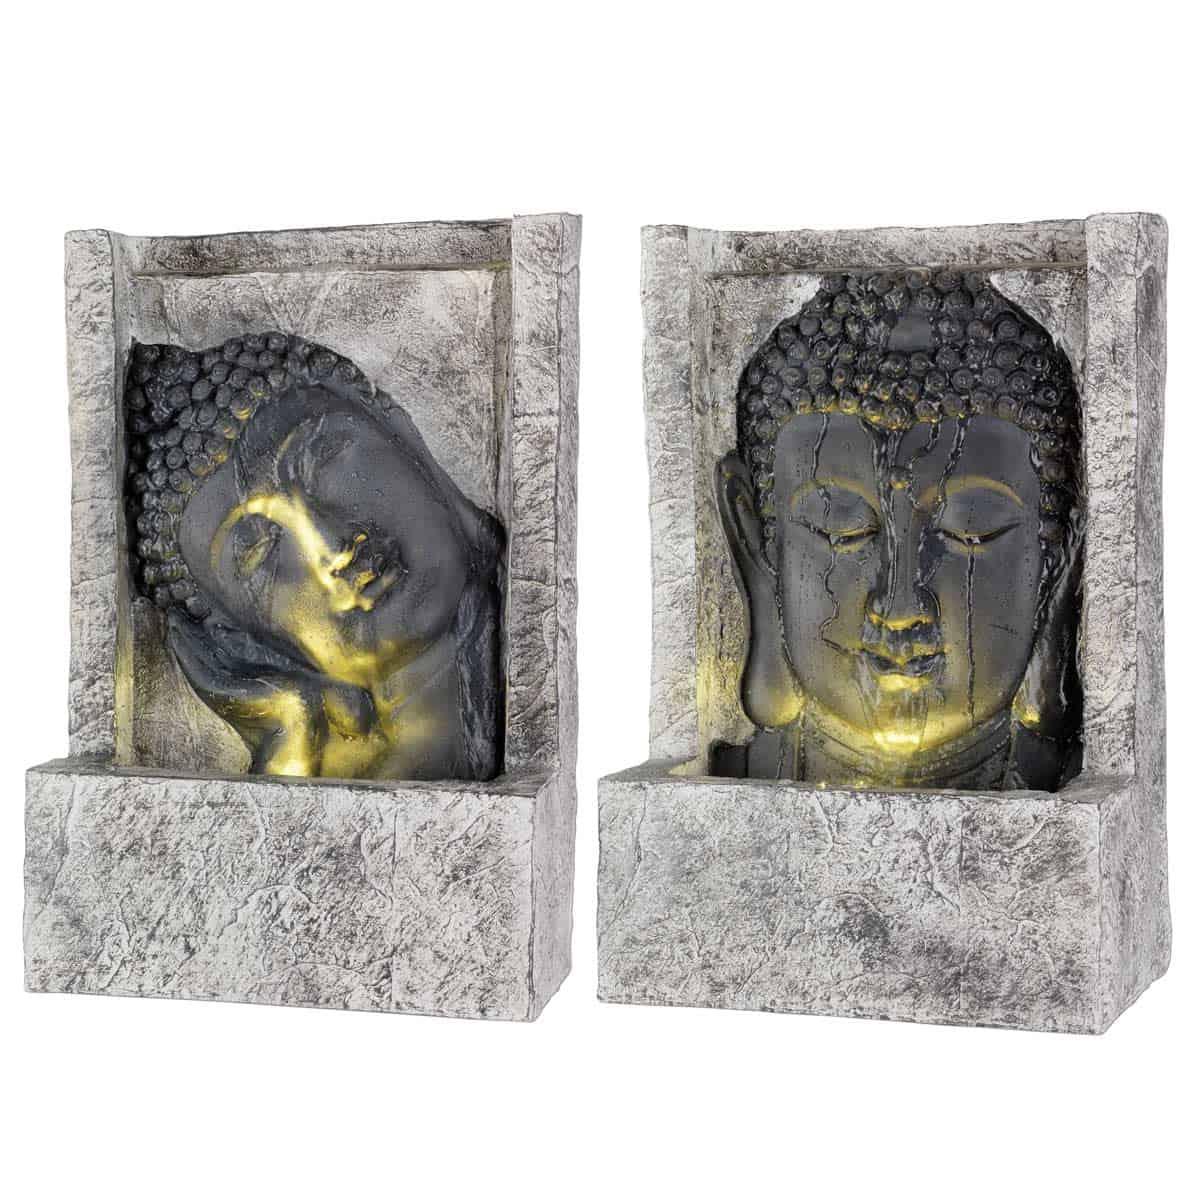 Fontaine Extérieure Lumineuse Bouddha intérieur Tete De Bouddha Pour Jardin